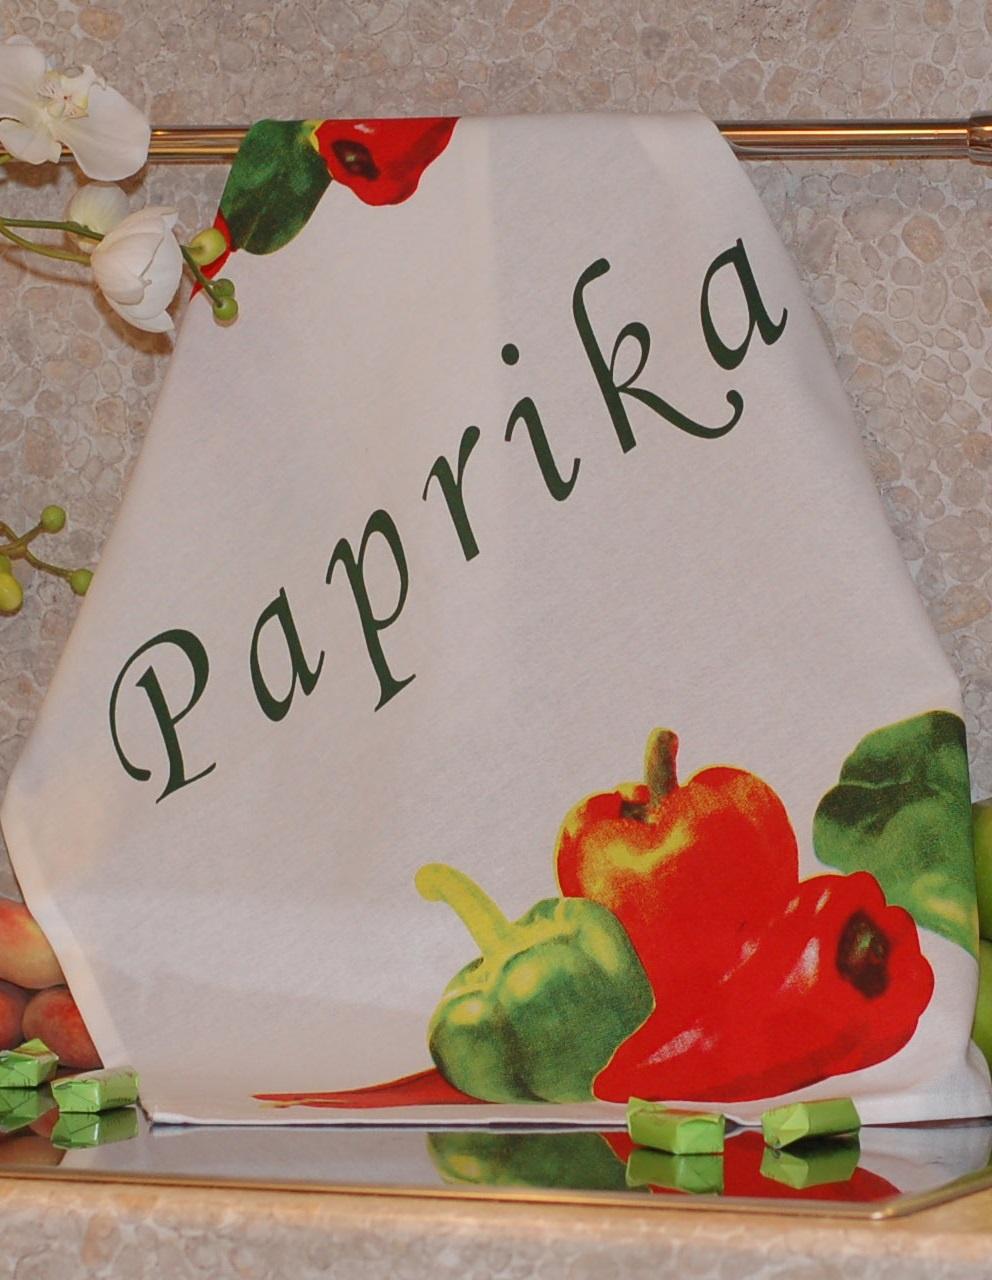 Полотенце с печатным рисунком ТекСтиль 507042-3 PAPRIKA полотенце кухонное текстиль для дома 507061 1 cafе коричневый бежевый красный